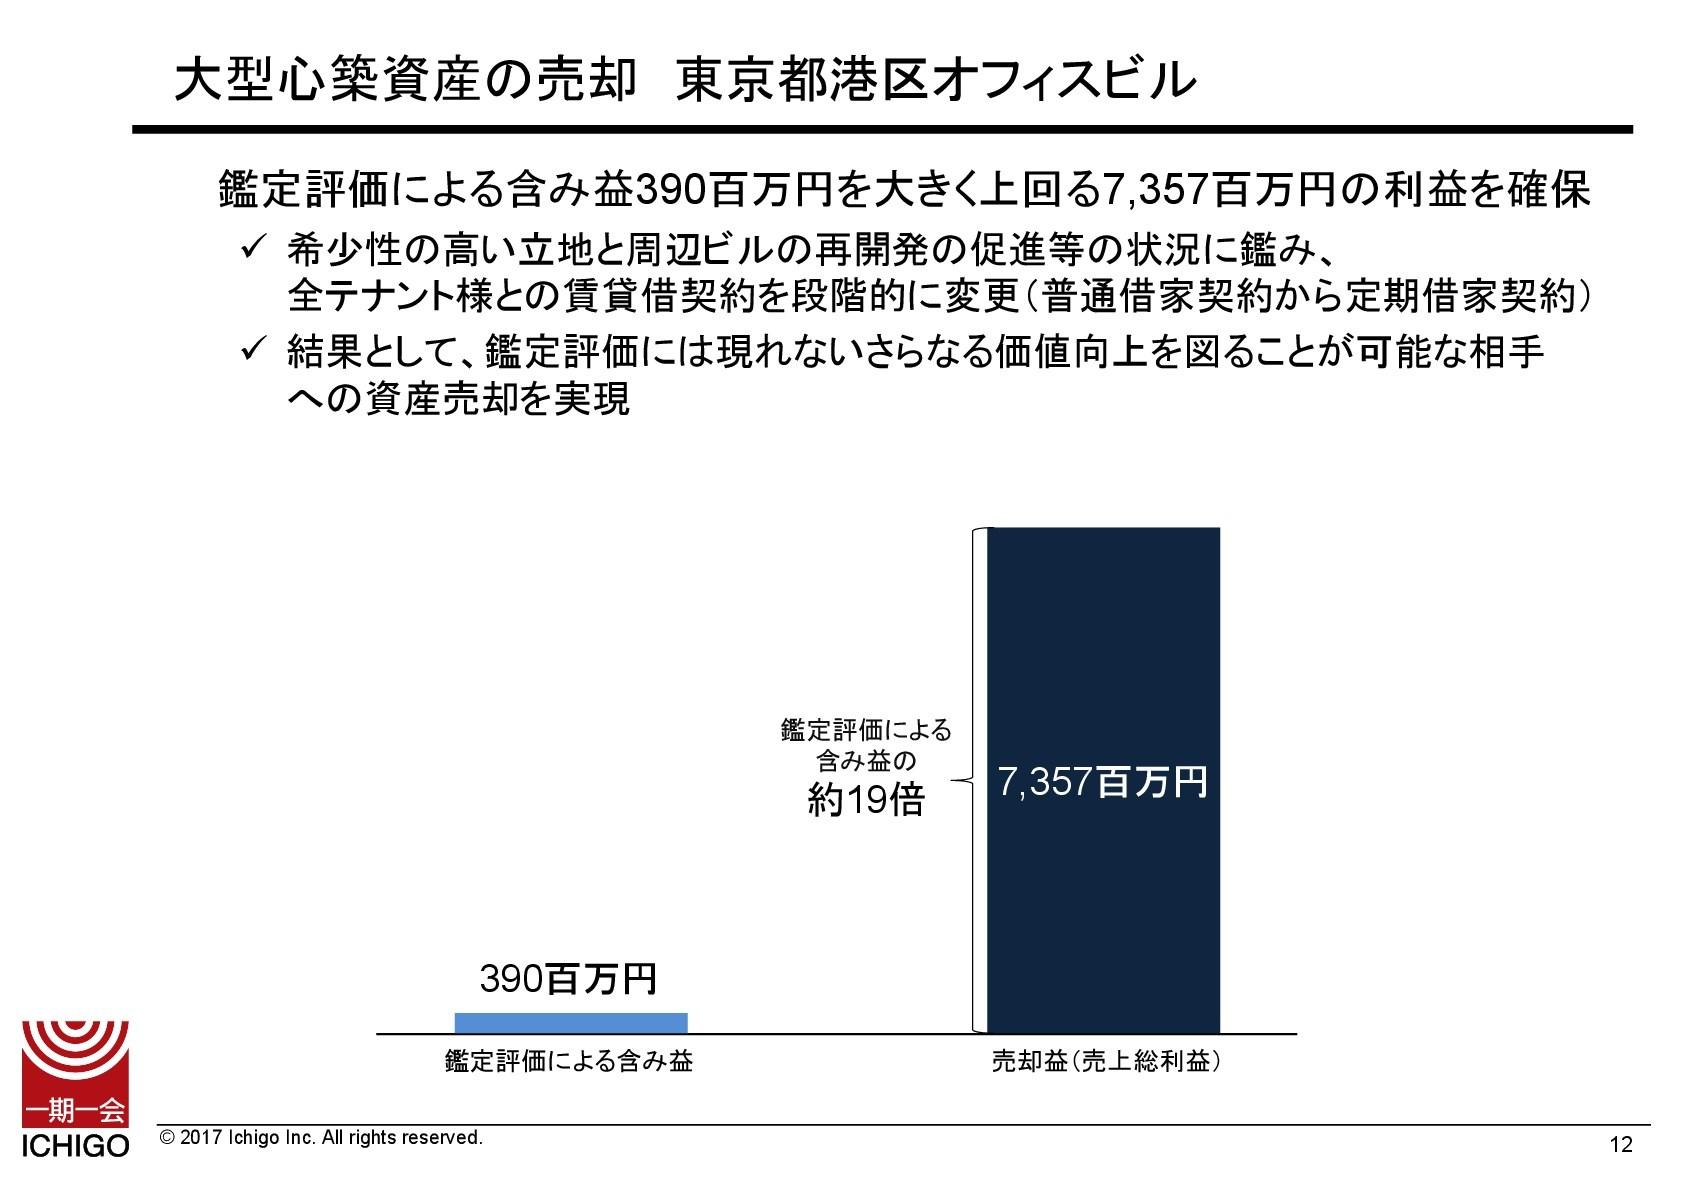 いちごの2Q、純利益の対通期予想進捗率65.7% 大型心築資産の売却により高利益を確保